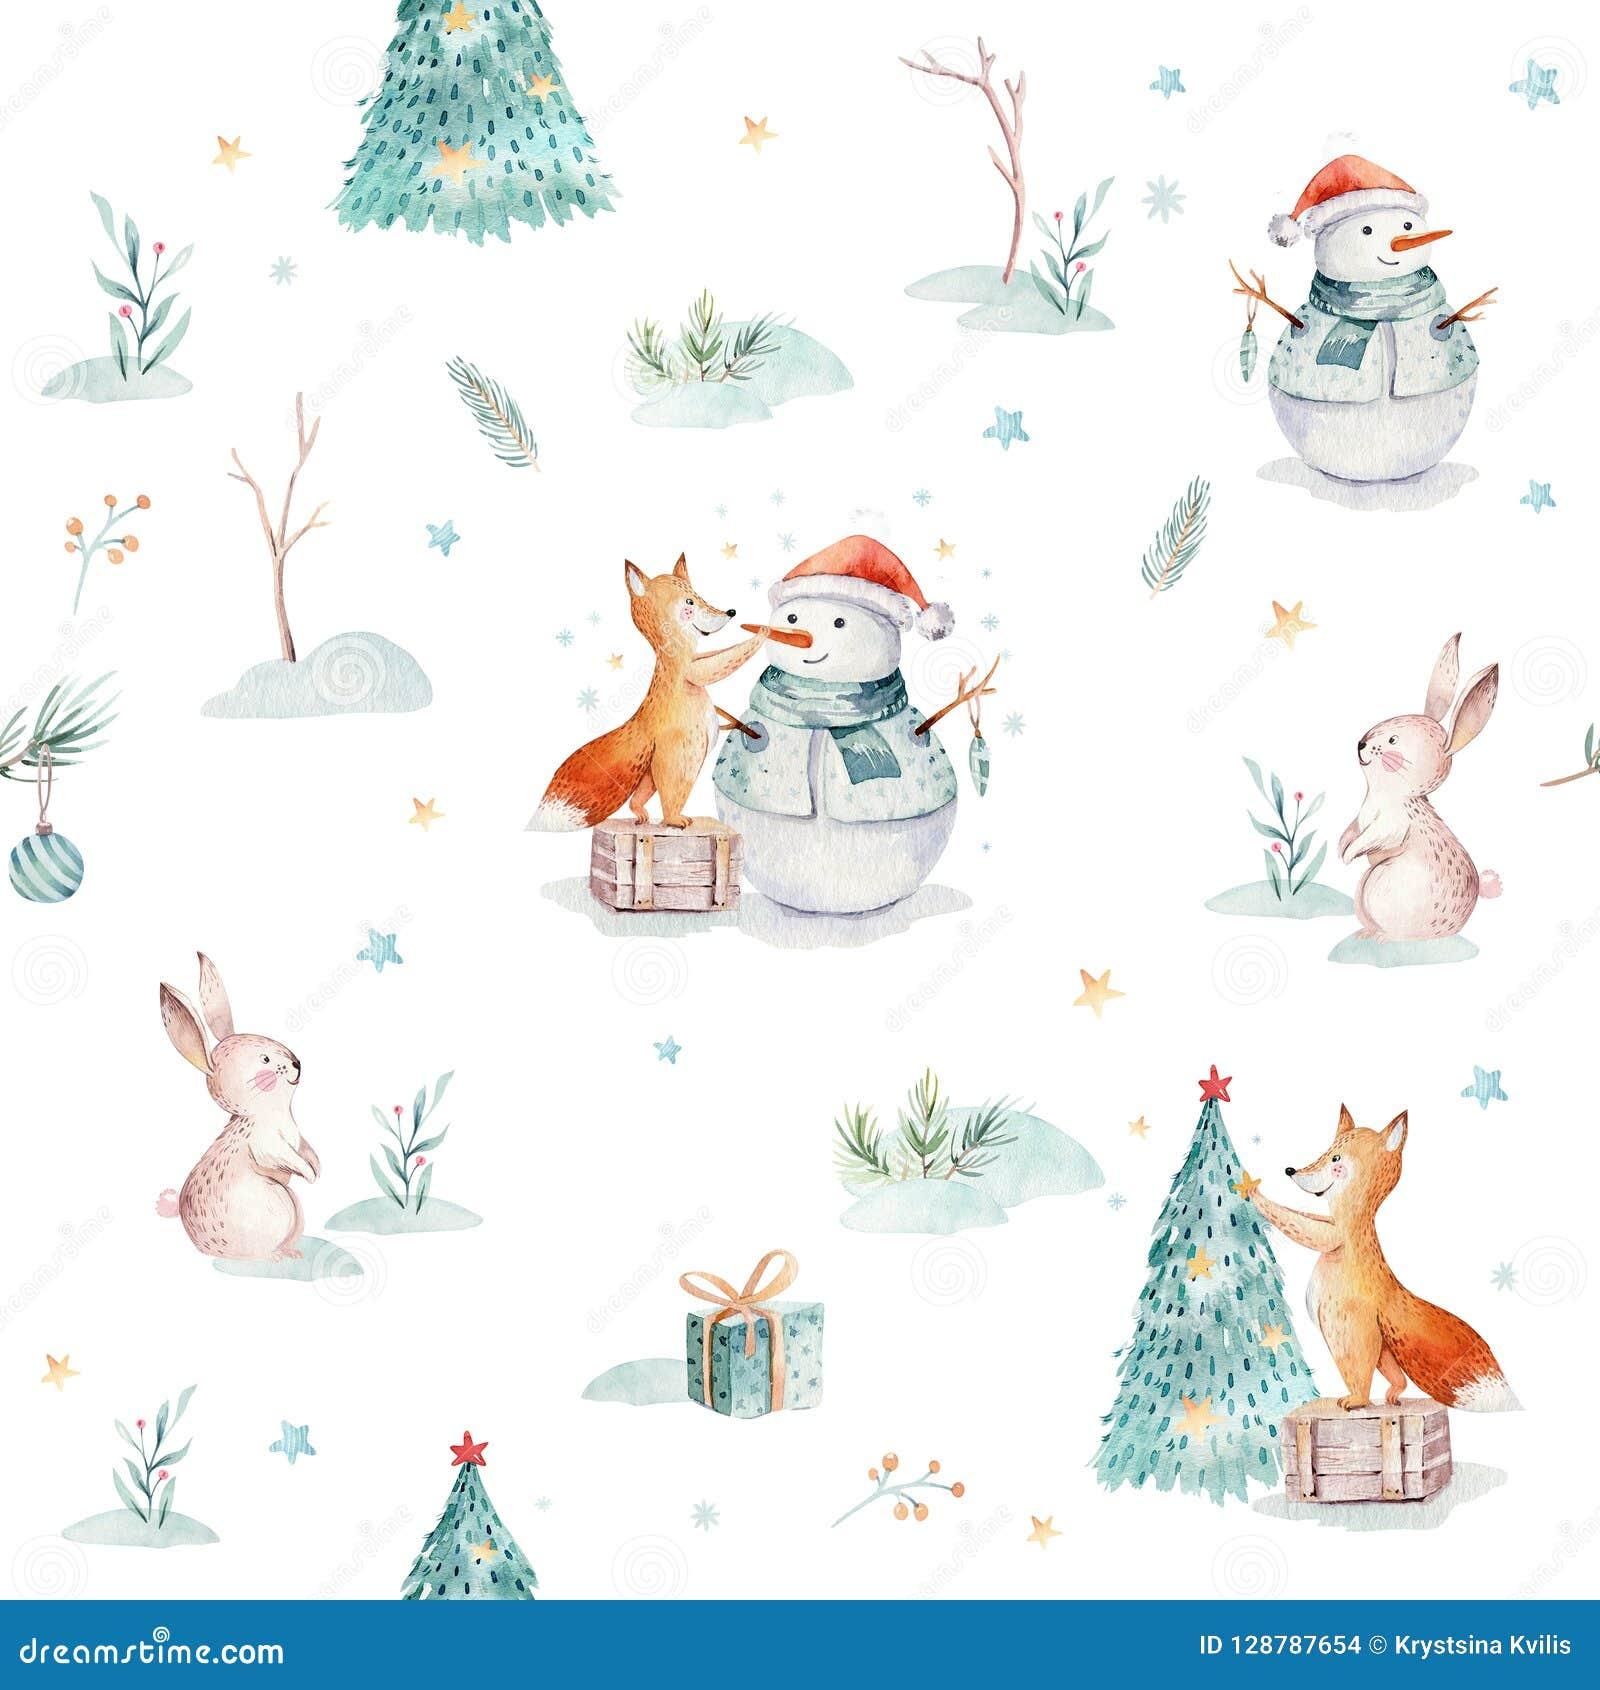 Modeller för glad jul för vattenfärg semestrar sömlösa med gåvan, snögubbe, gulliga djur lurar, kanin och igelkotten